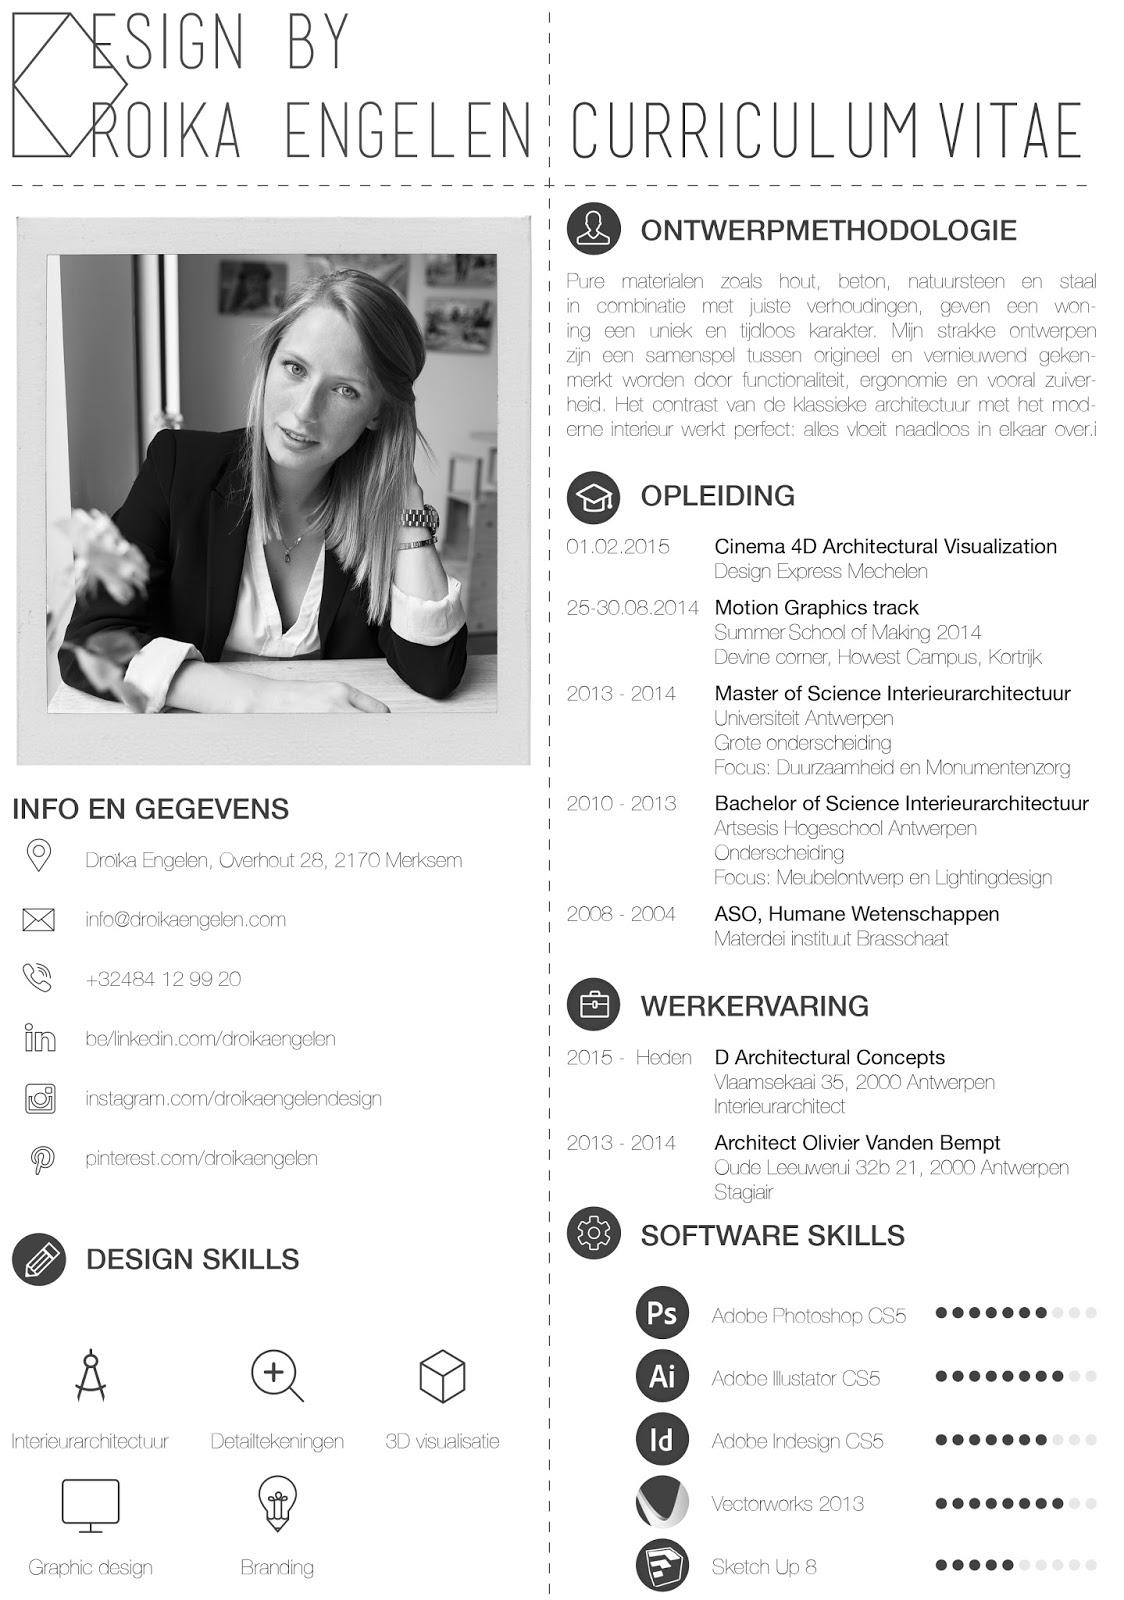 Engineering Design Curriculum : İngilizce hazırlanmış cv Örnekleri